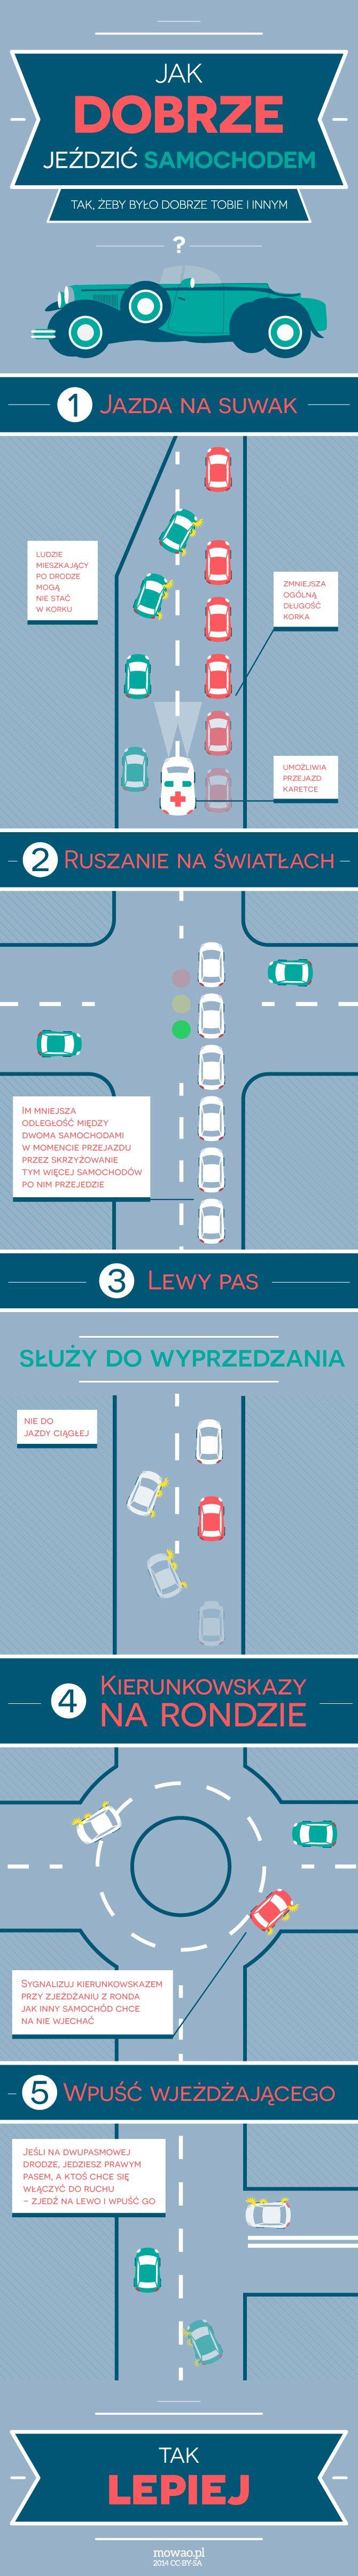 Jak jeździć samochodem dobrze i bezpiecznie - Infografika